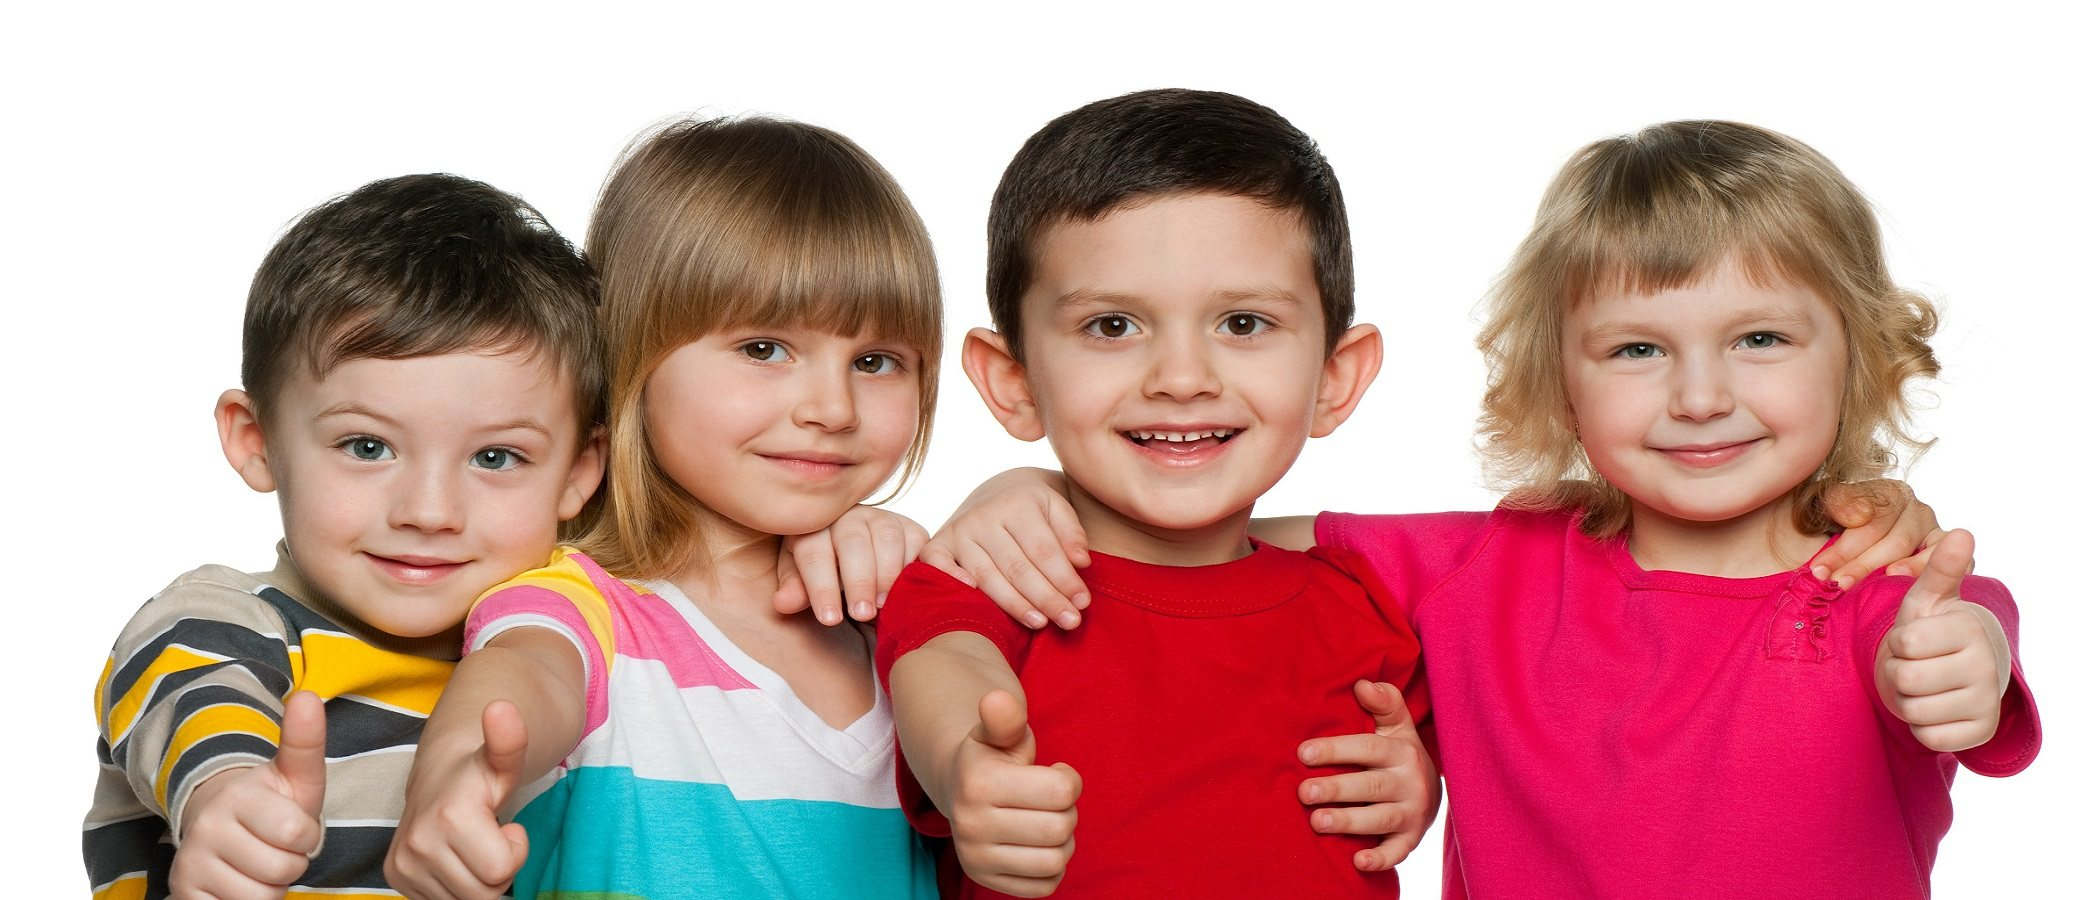 Cómo educar a los hijos en la igualdad de género